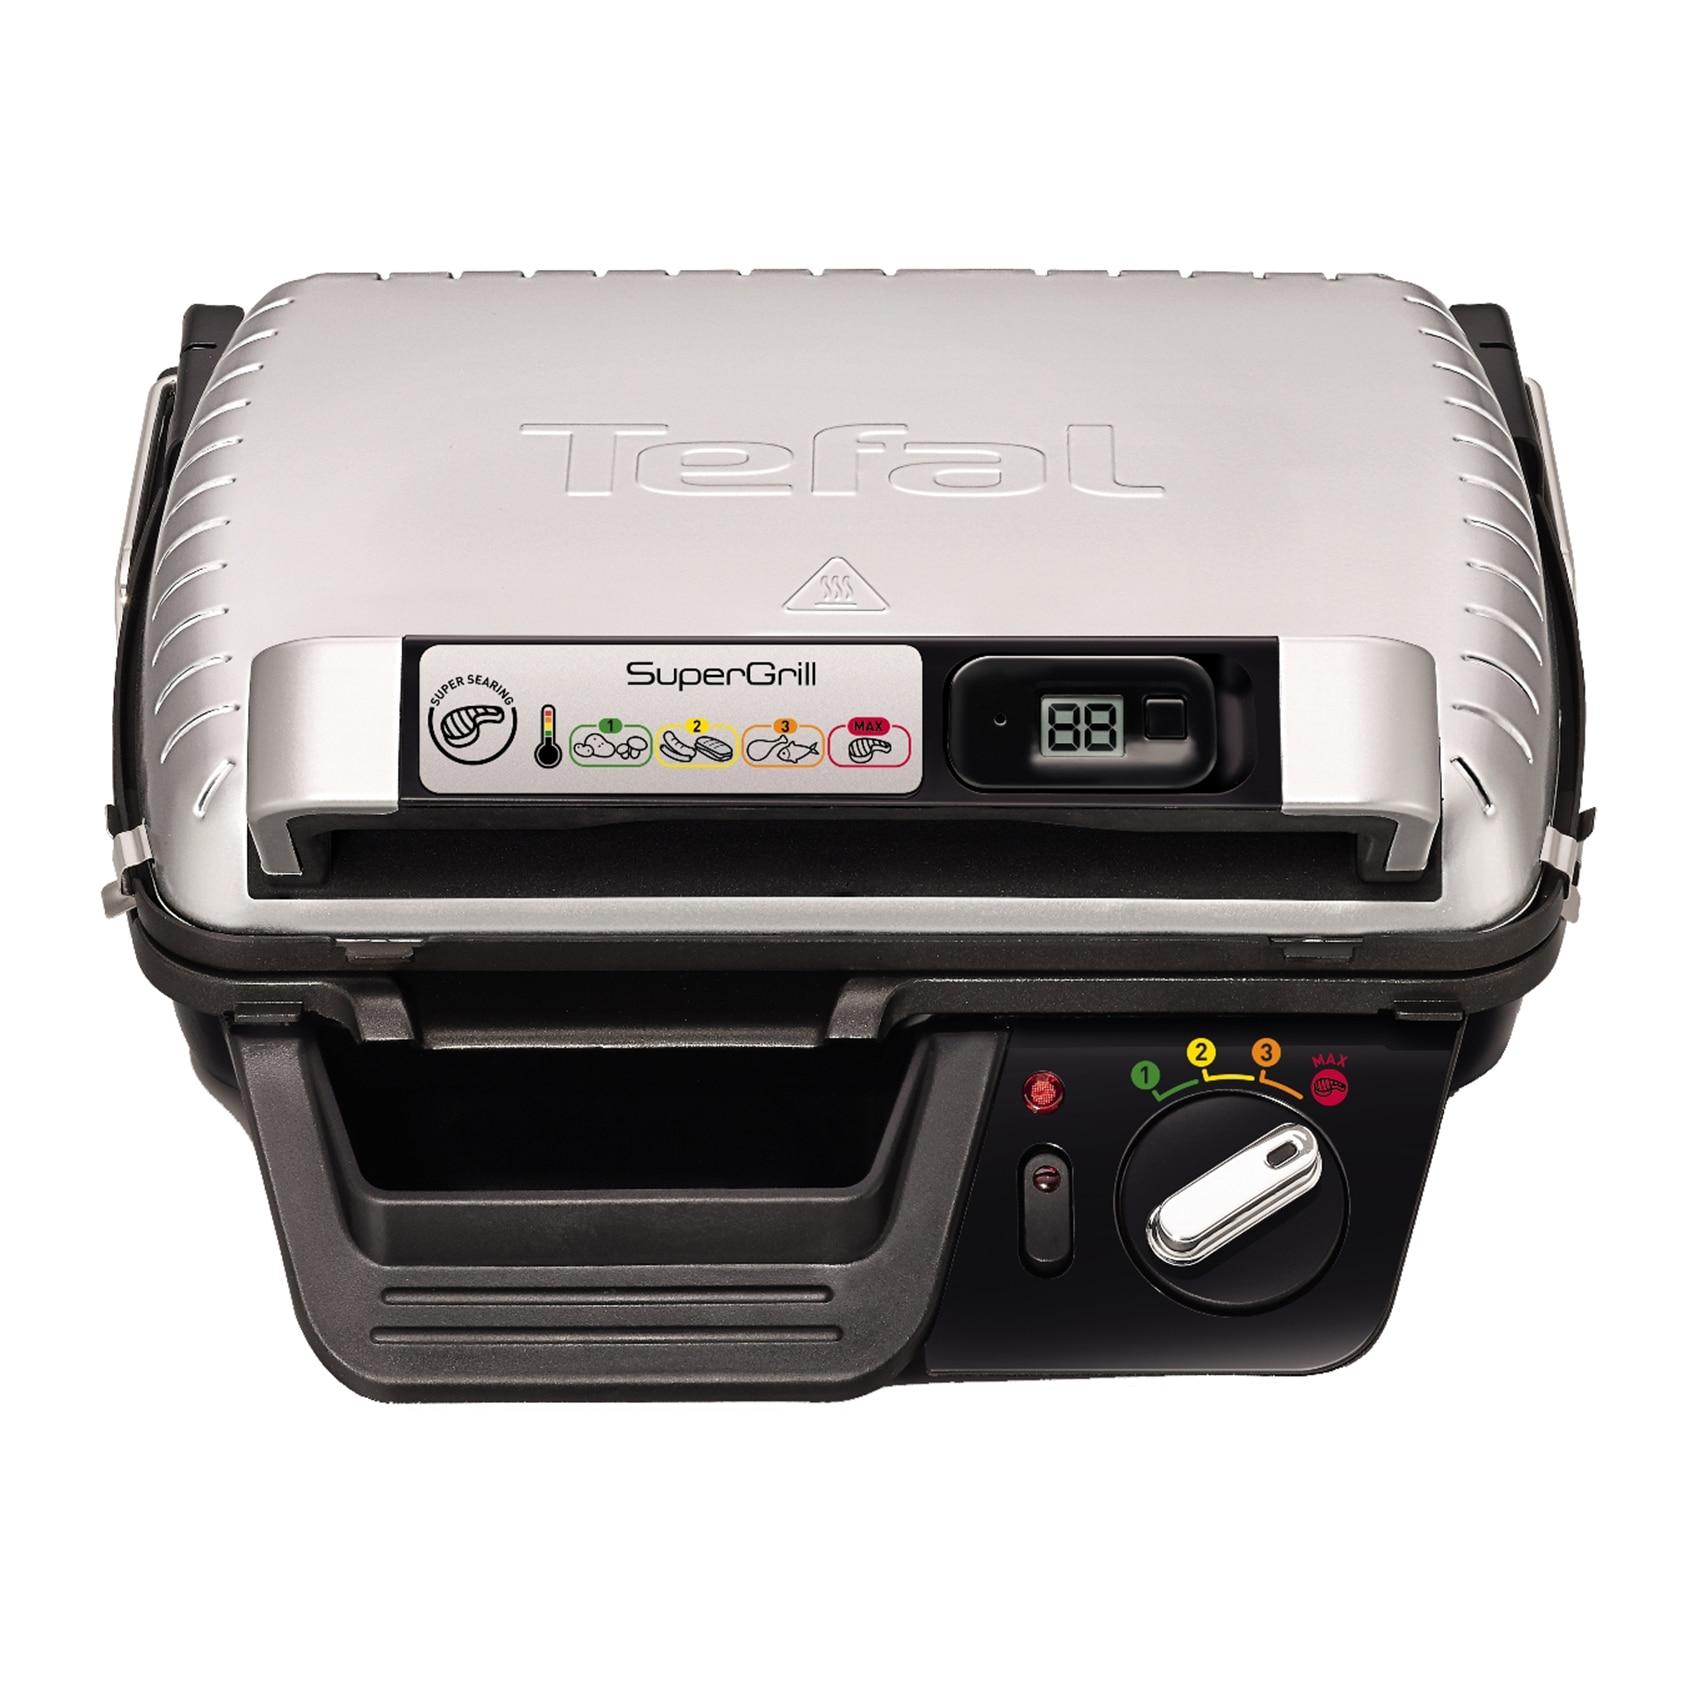 Fotografie Gratar electric cu timer Tefal Super grill GC451B12, 2000 W, 4 Nivele, Inox/Negru